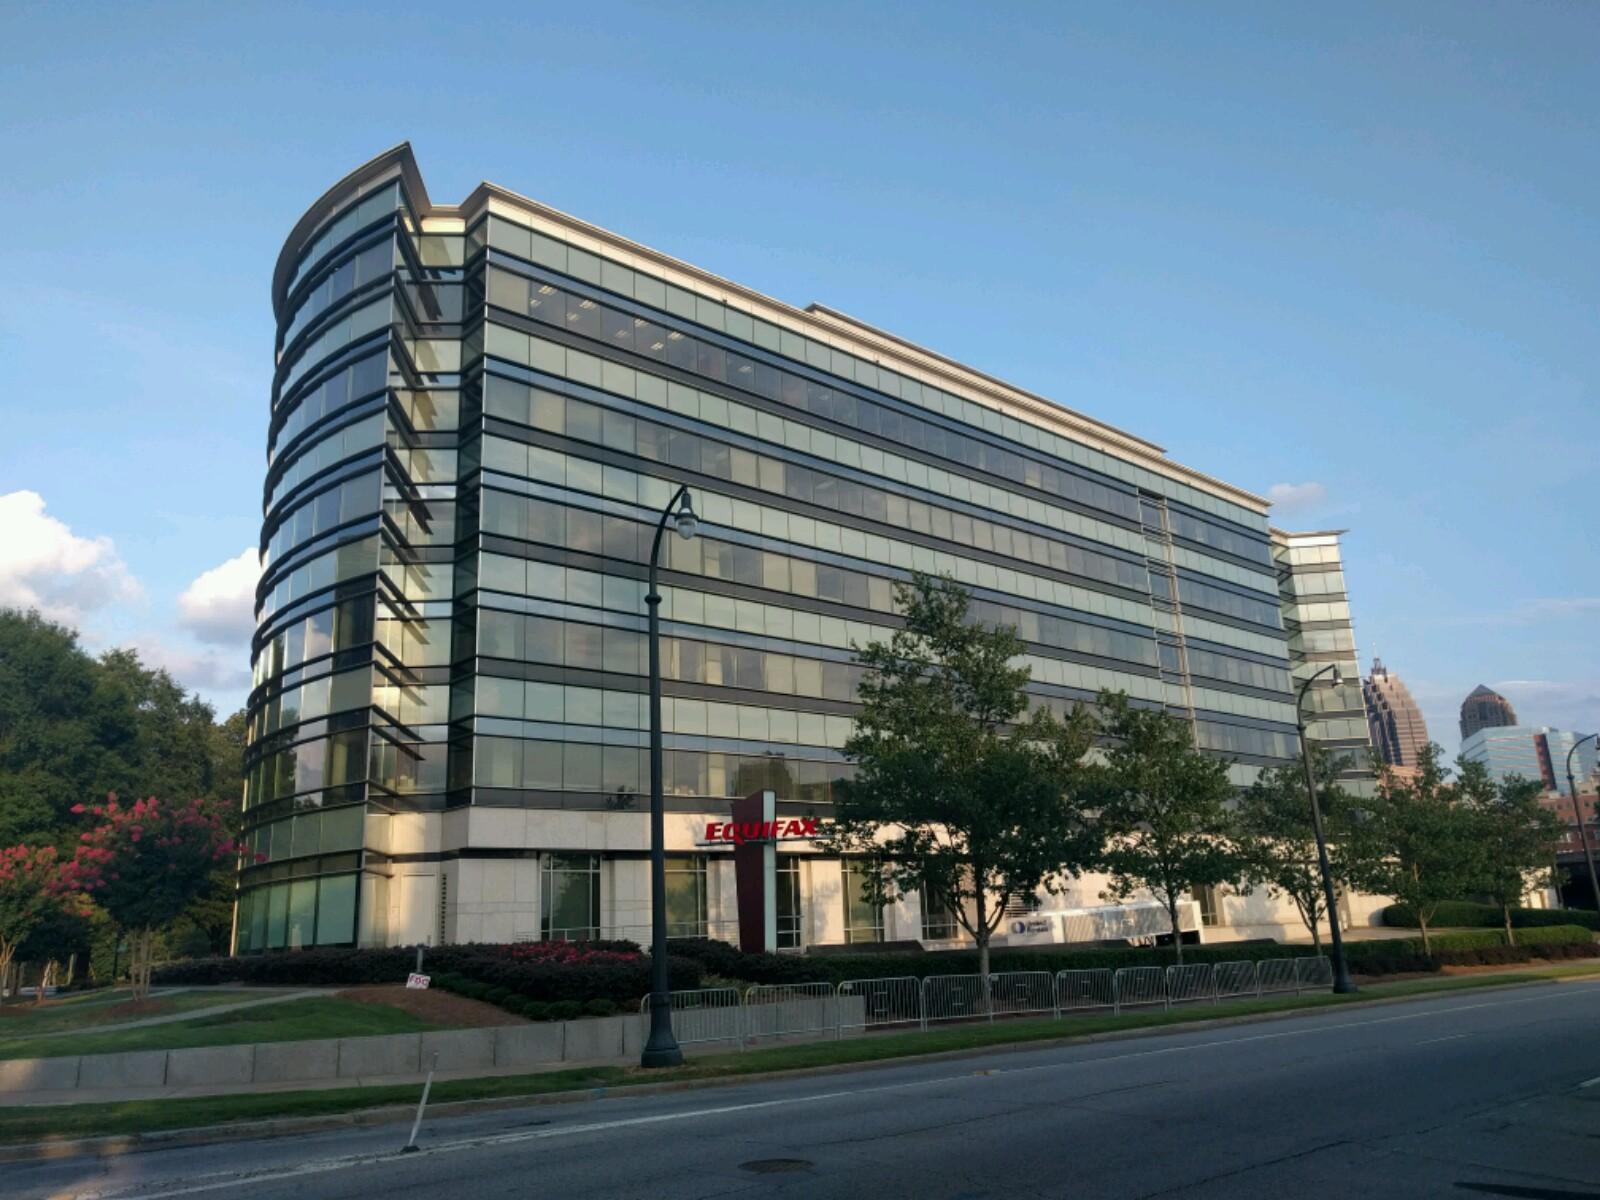 Equifax's corporate headquarters in Atlanta, Georgia.